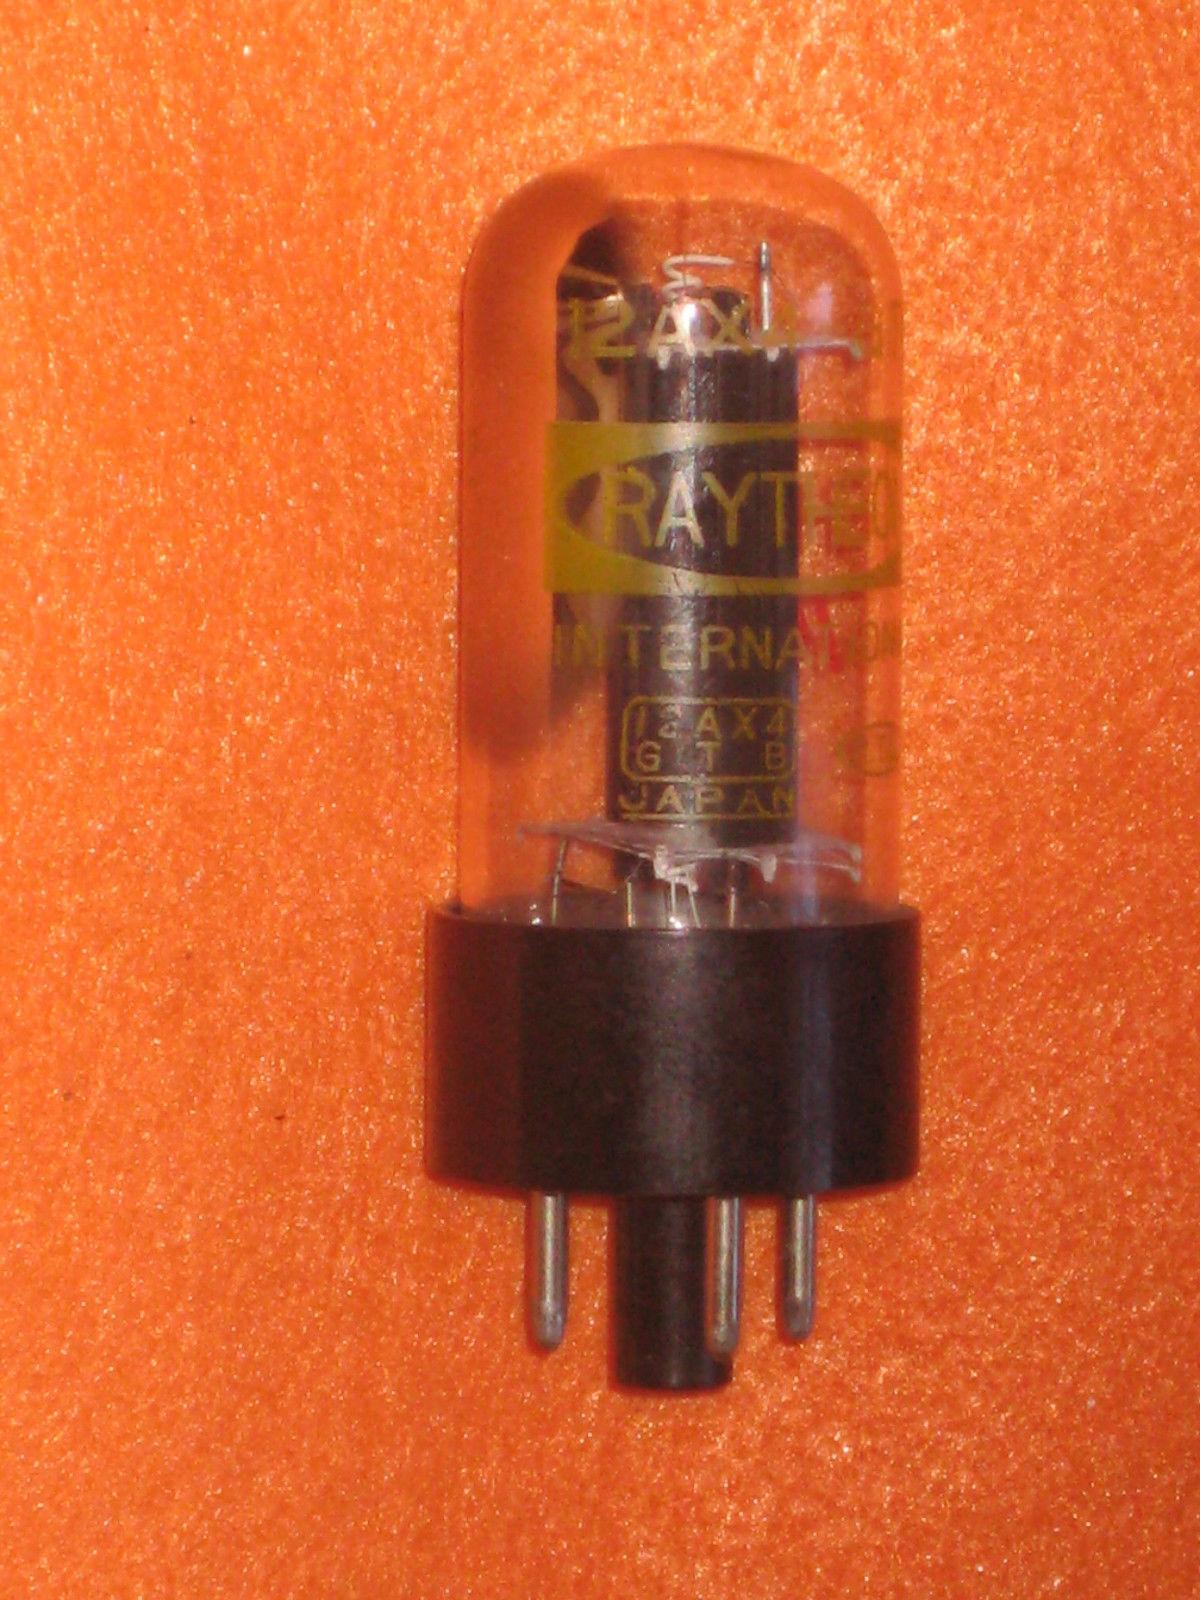 Vintage Radio Vacuum Tube (one): 12AX4 12AX4GTB - Tested Good